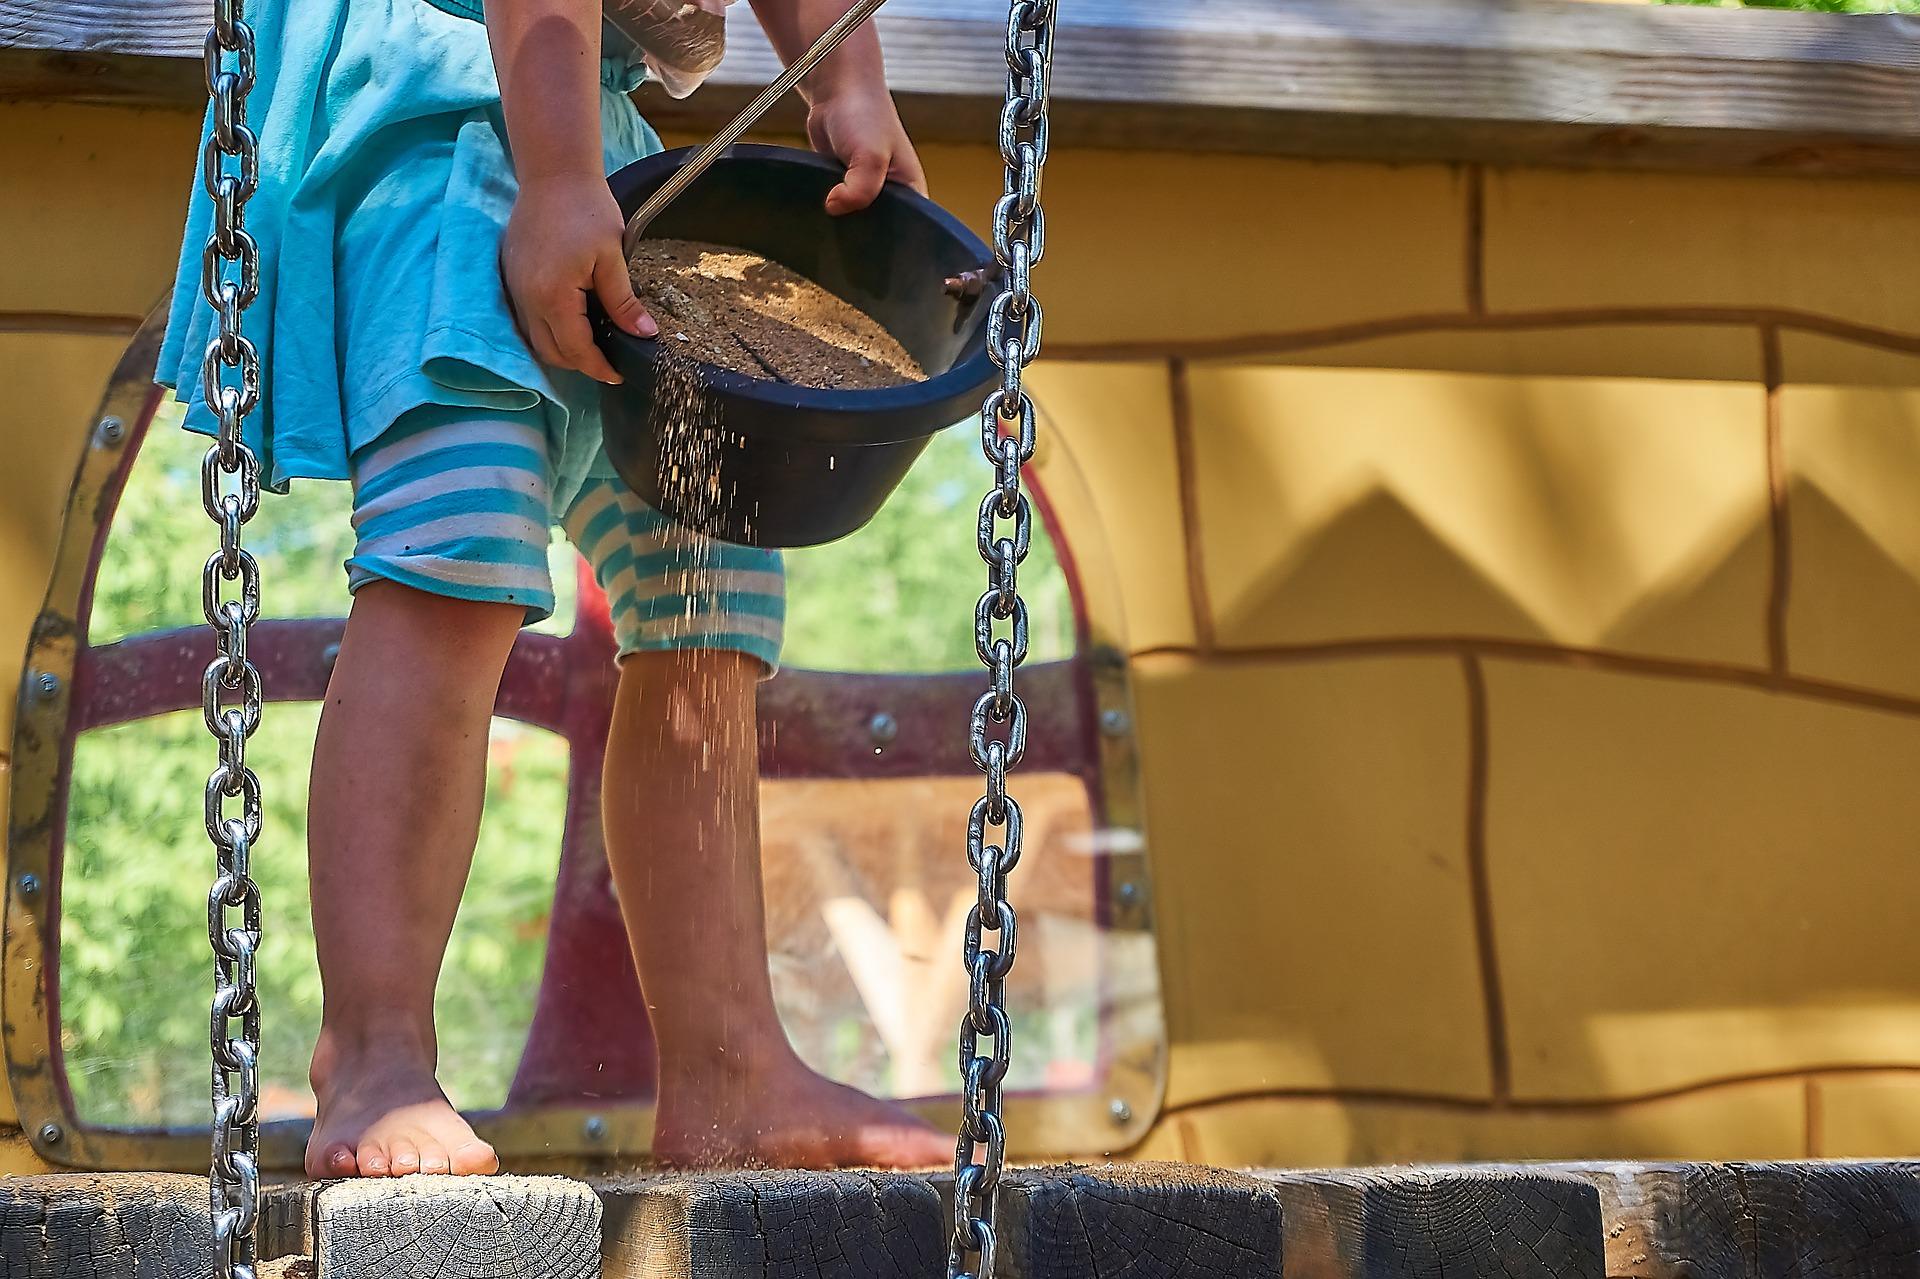 Lasten liikkuminen ja lähiliikuntapaikat